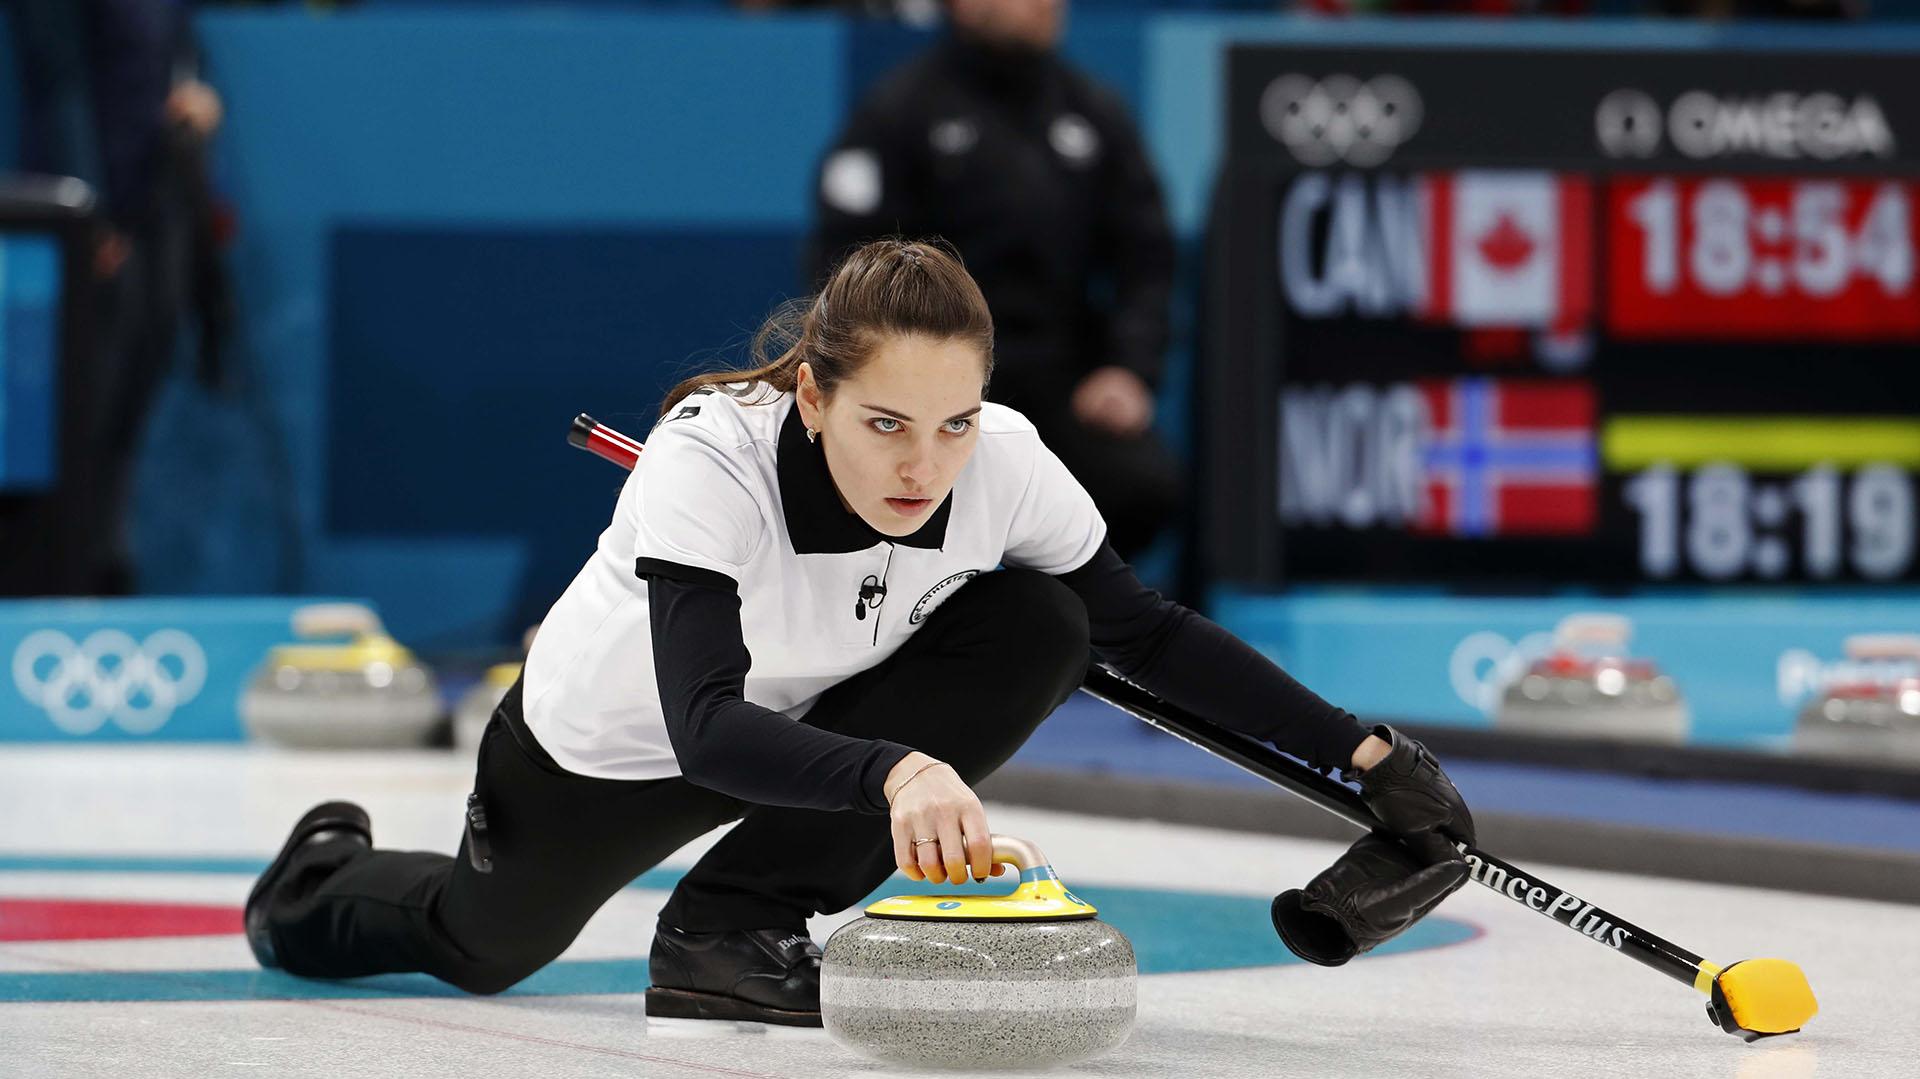 Anastasia Bryzgalova ganó la medalla de bronce en curling en los Juegos Olímpicos de Invierno de 2018 (Reuters)